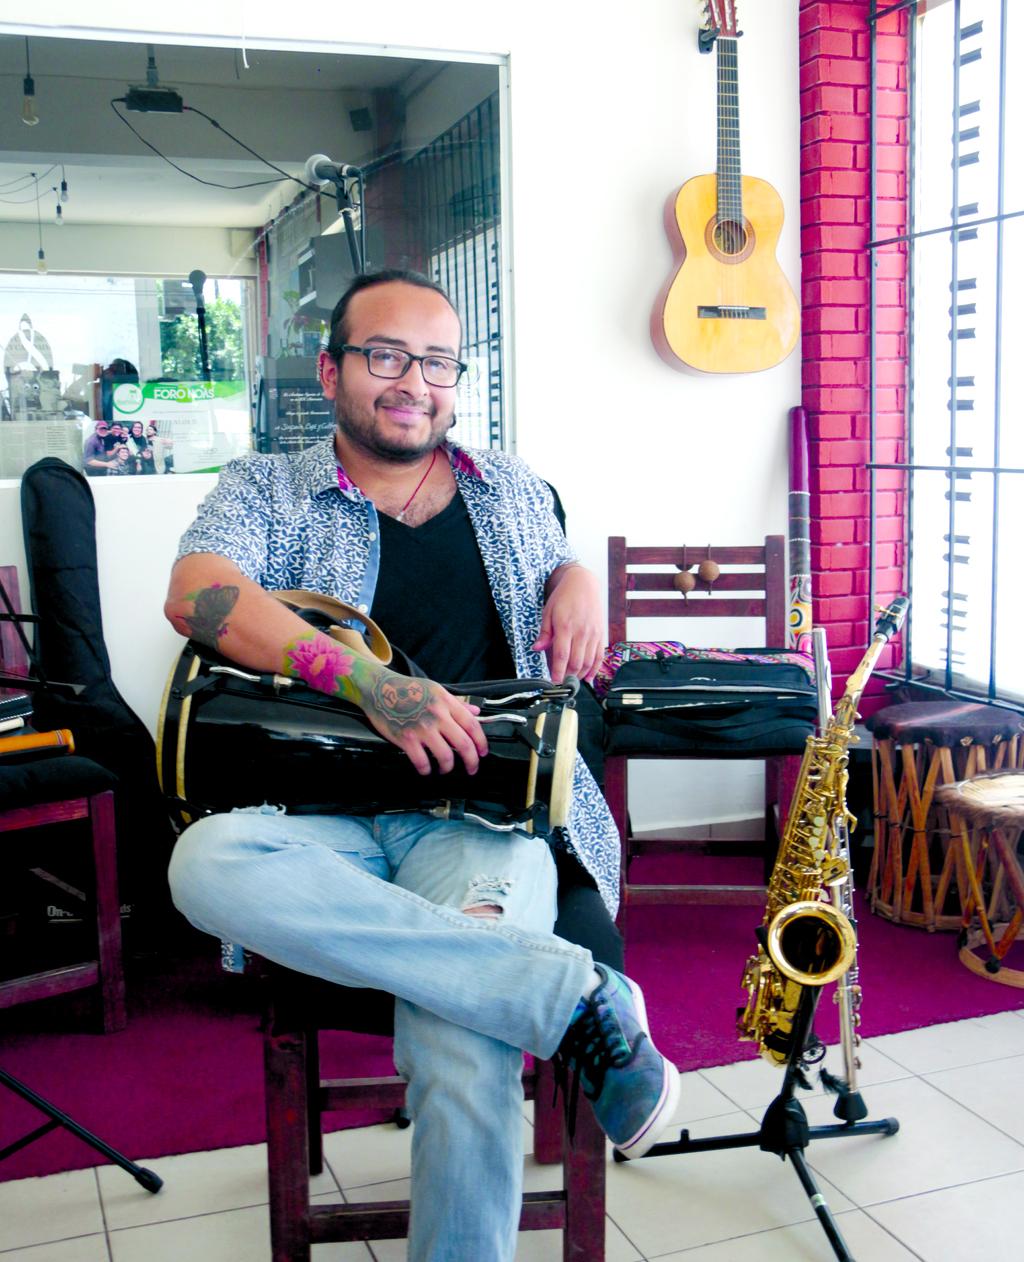 Formación. Calandrelli 'educó' su oído con la biblioteca musical de sus padres. (El Siglo de Torreón / Ana Sofía Mendoza)